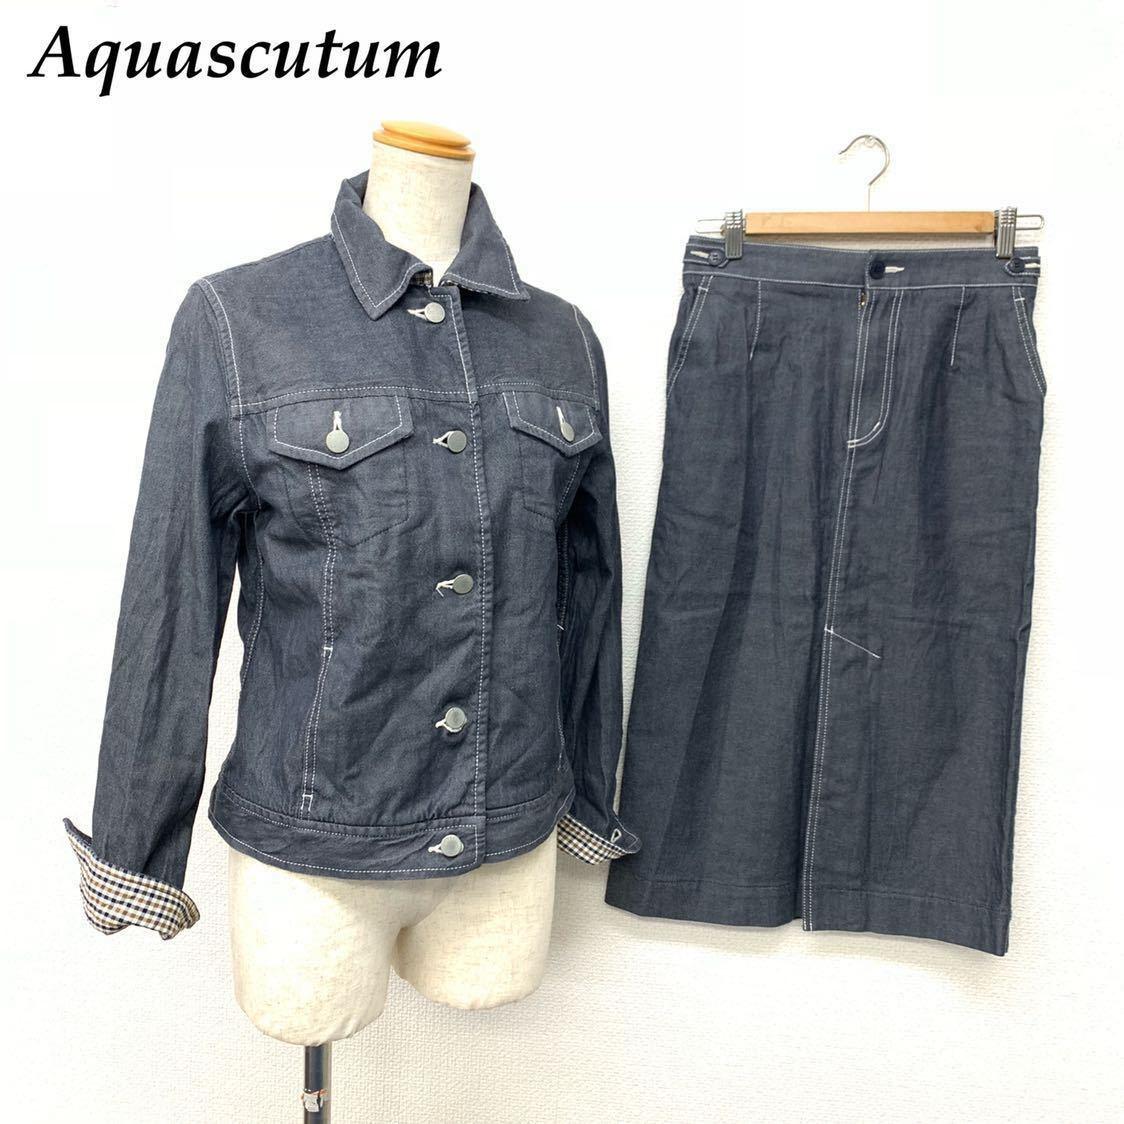 高級 アクアスキュータム Apuascutum セットアップ デニム地 上下 スーツ ジャケット スカート グレー 9 レディース (株)レナウン